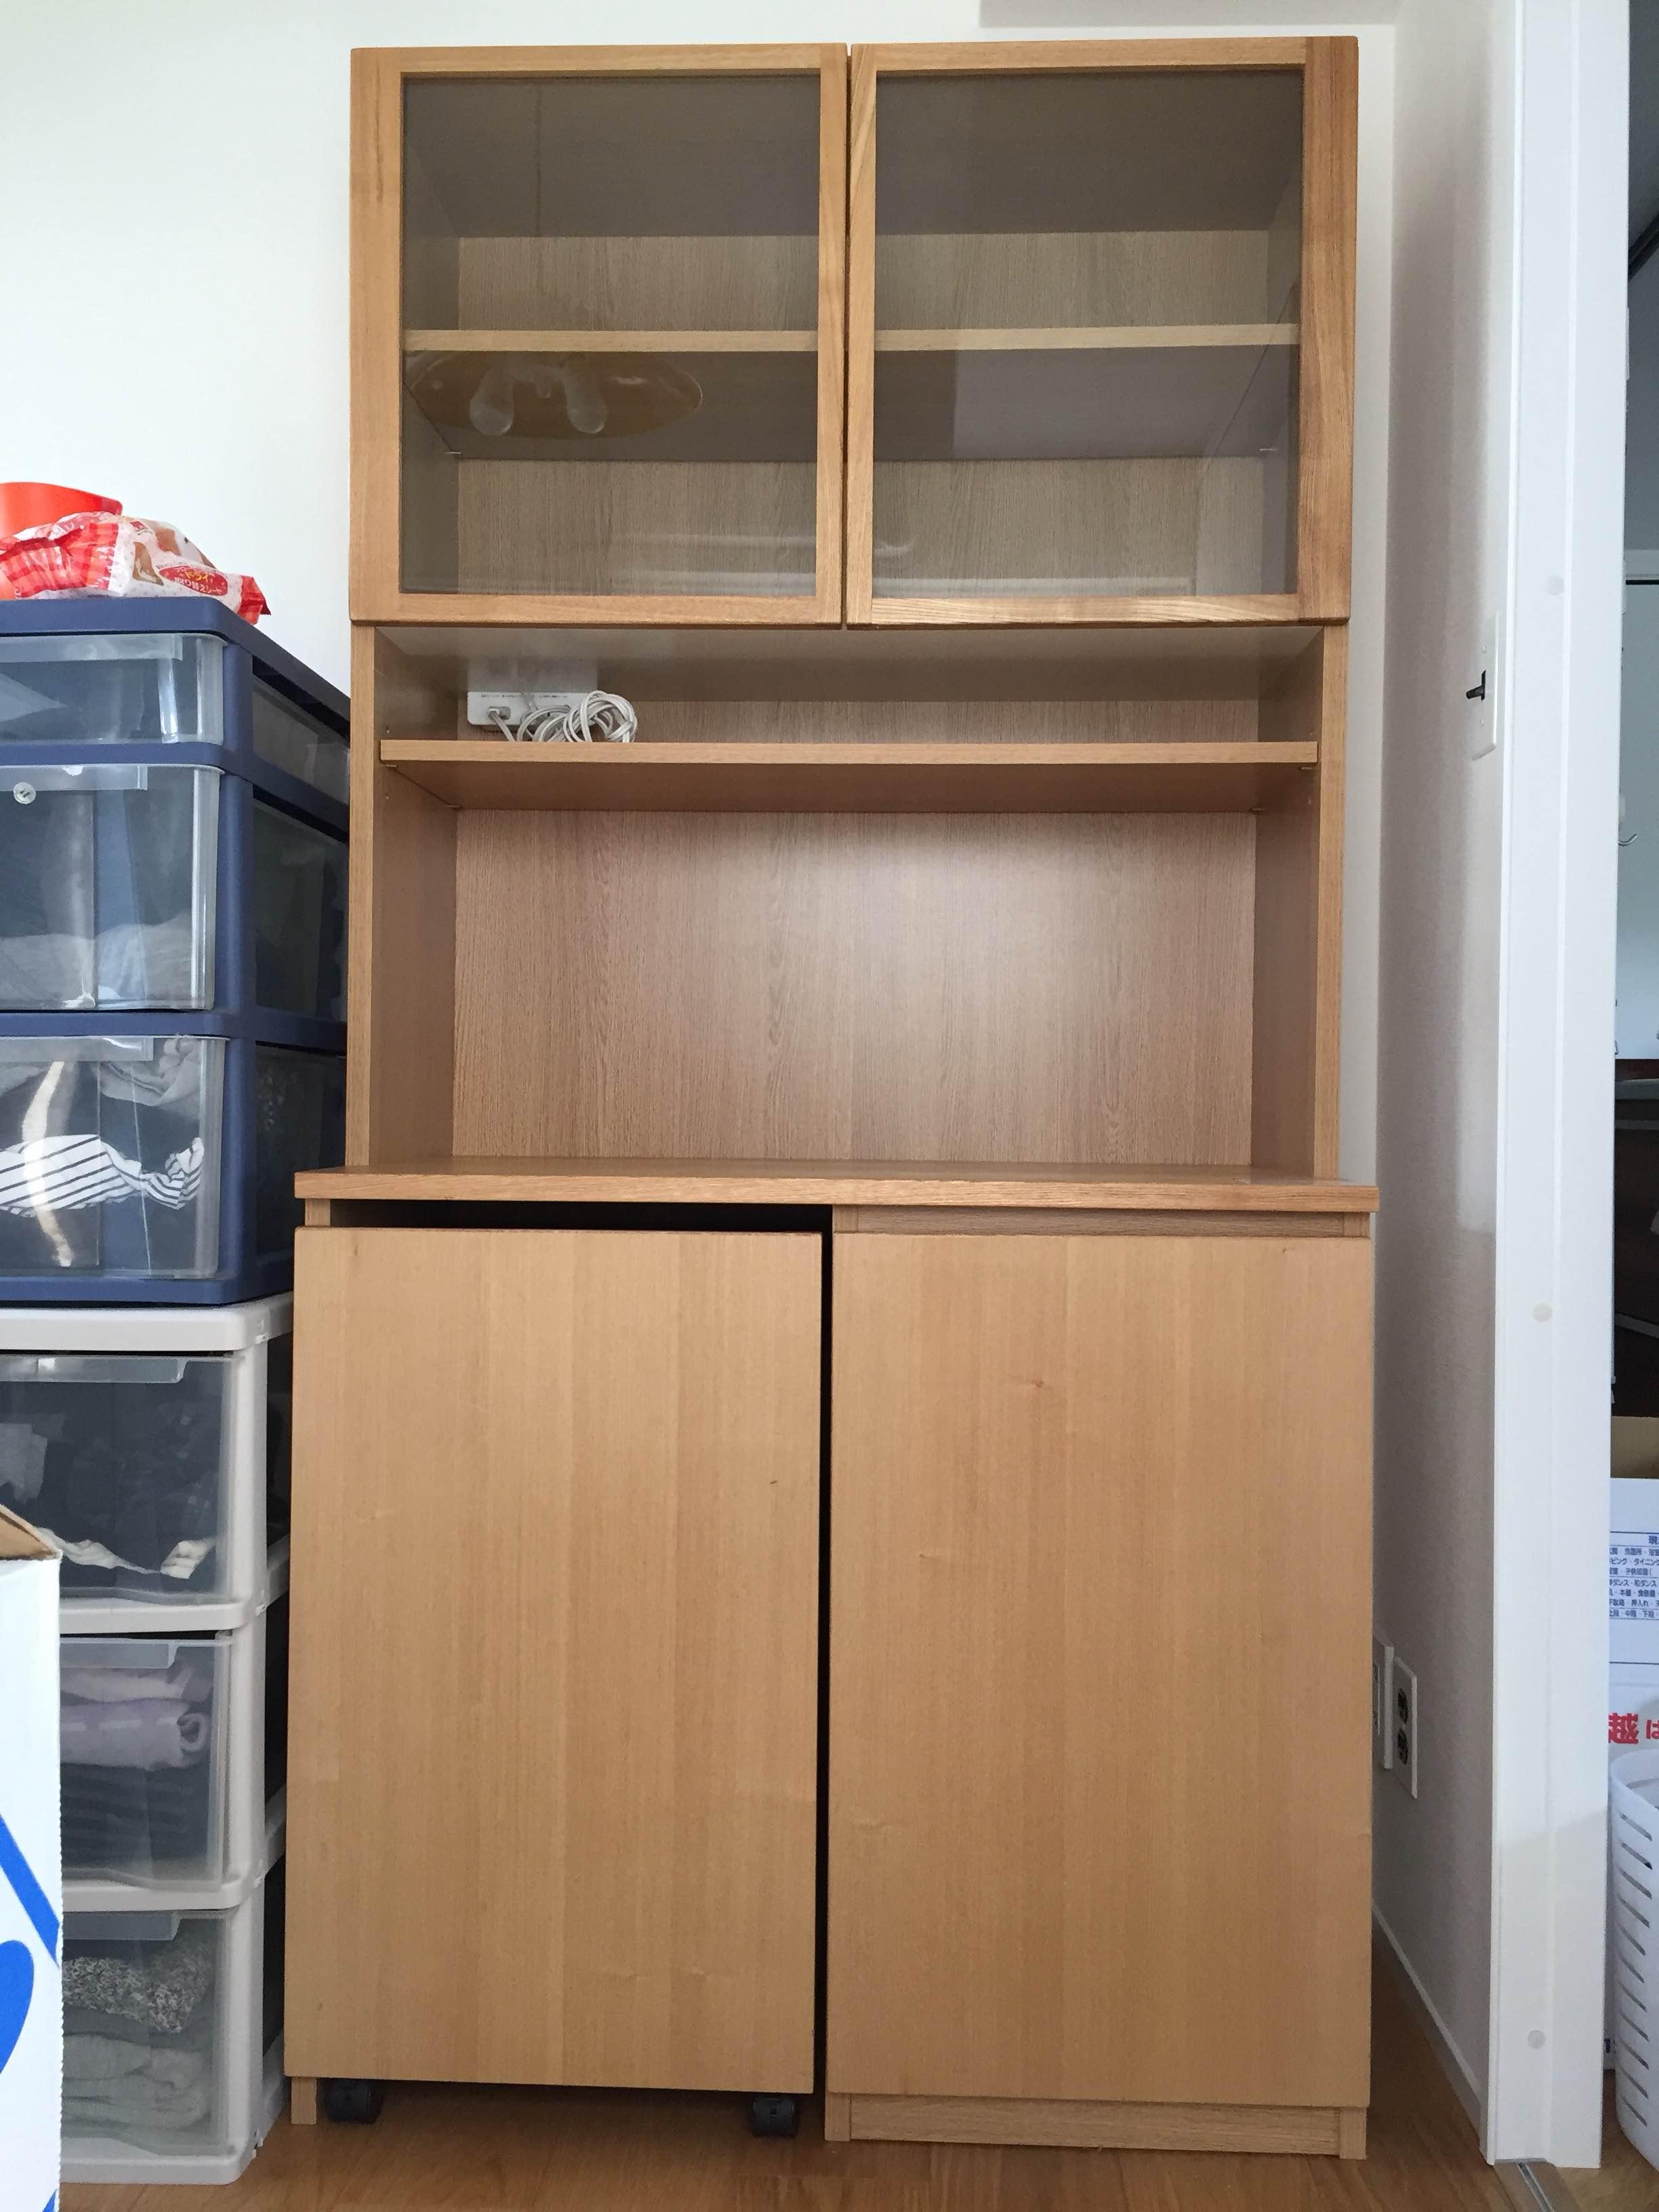 浦和3店舗中古家具情報 カップボード ダイニングセット